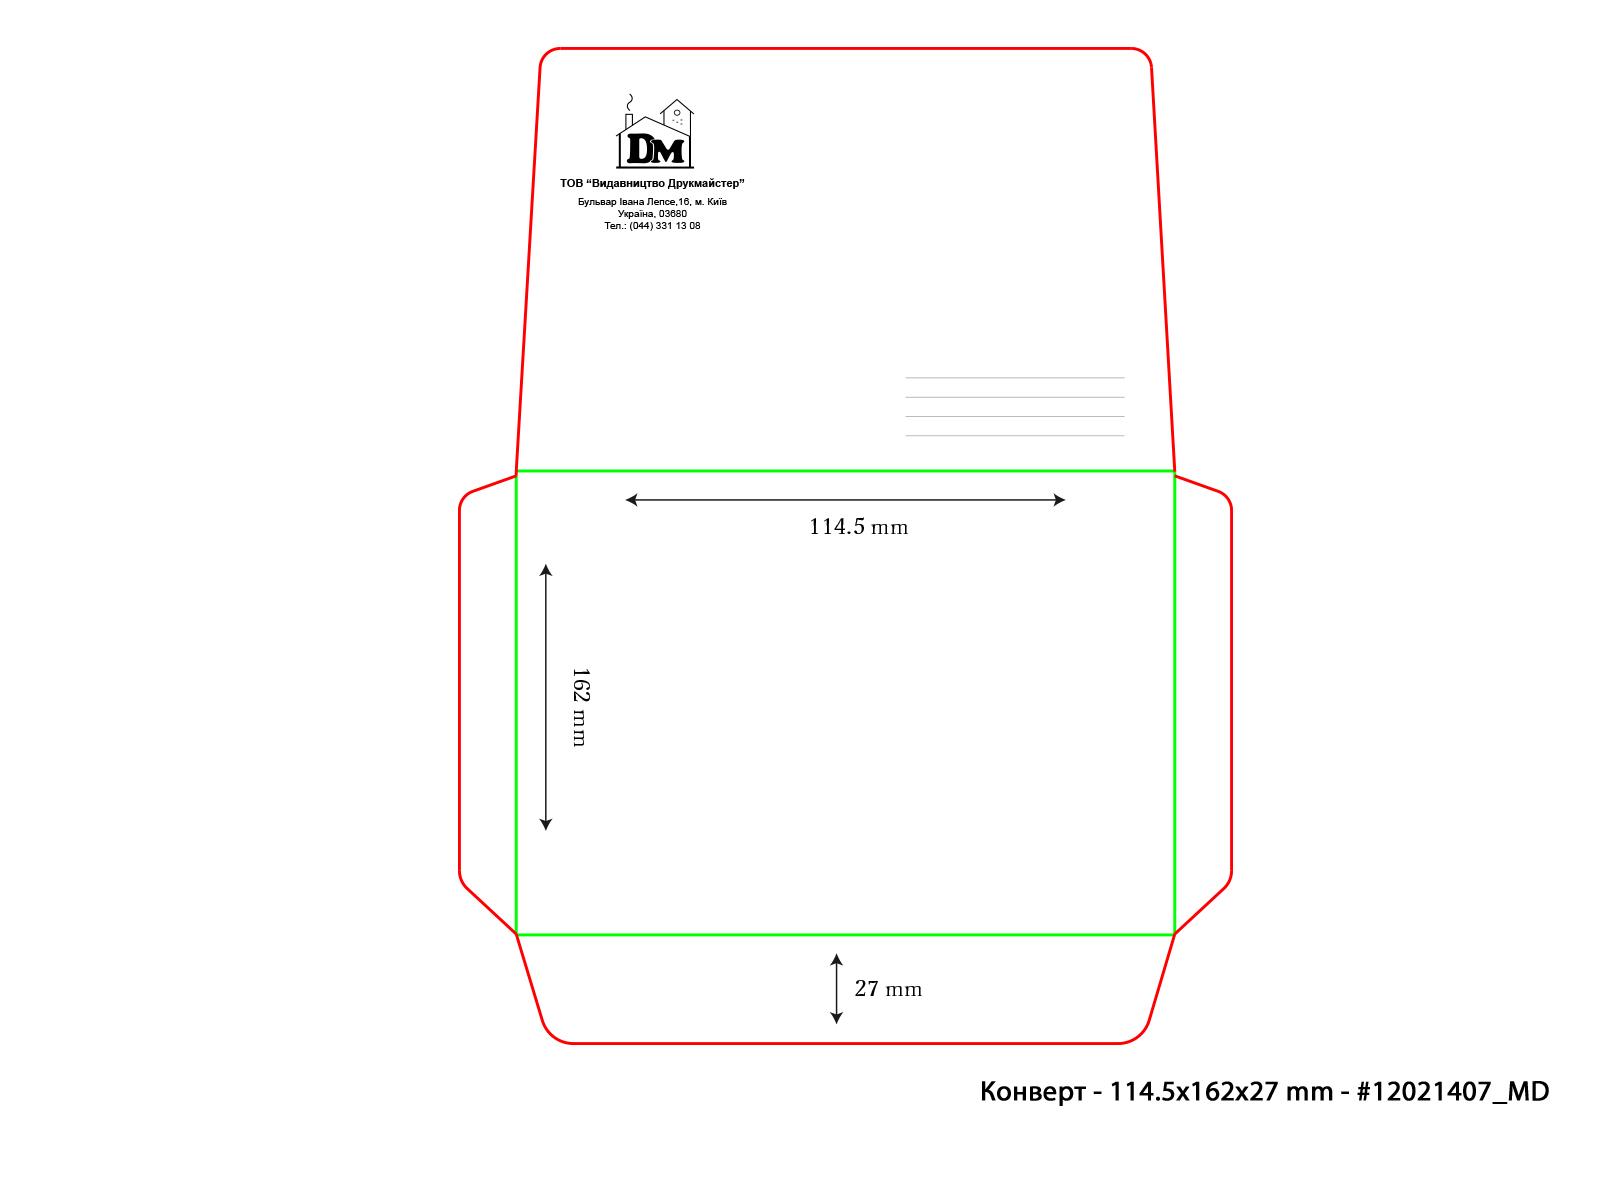 Konvert-114.5x162x27-mm-12021407_MD